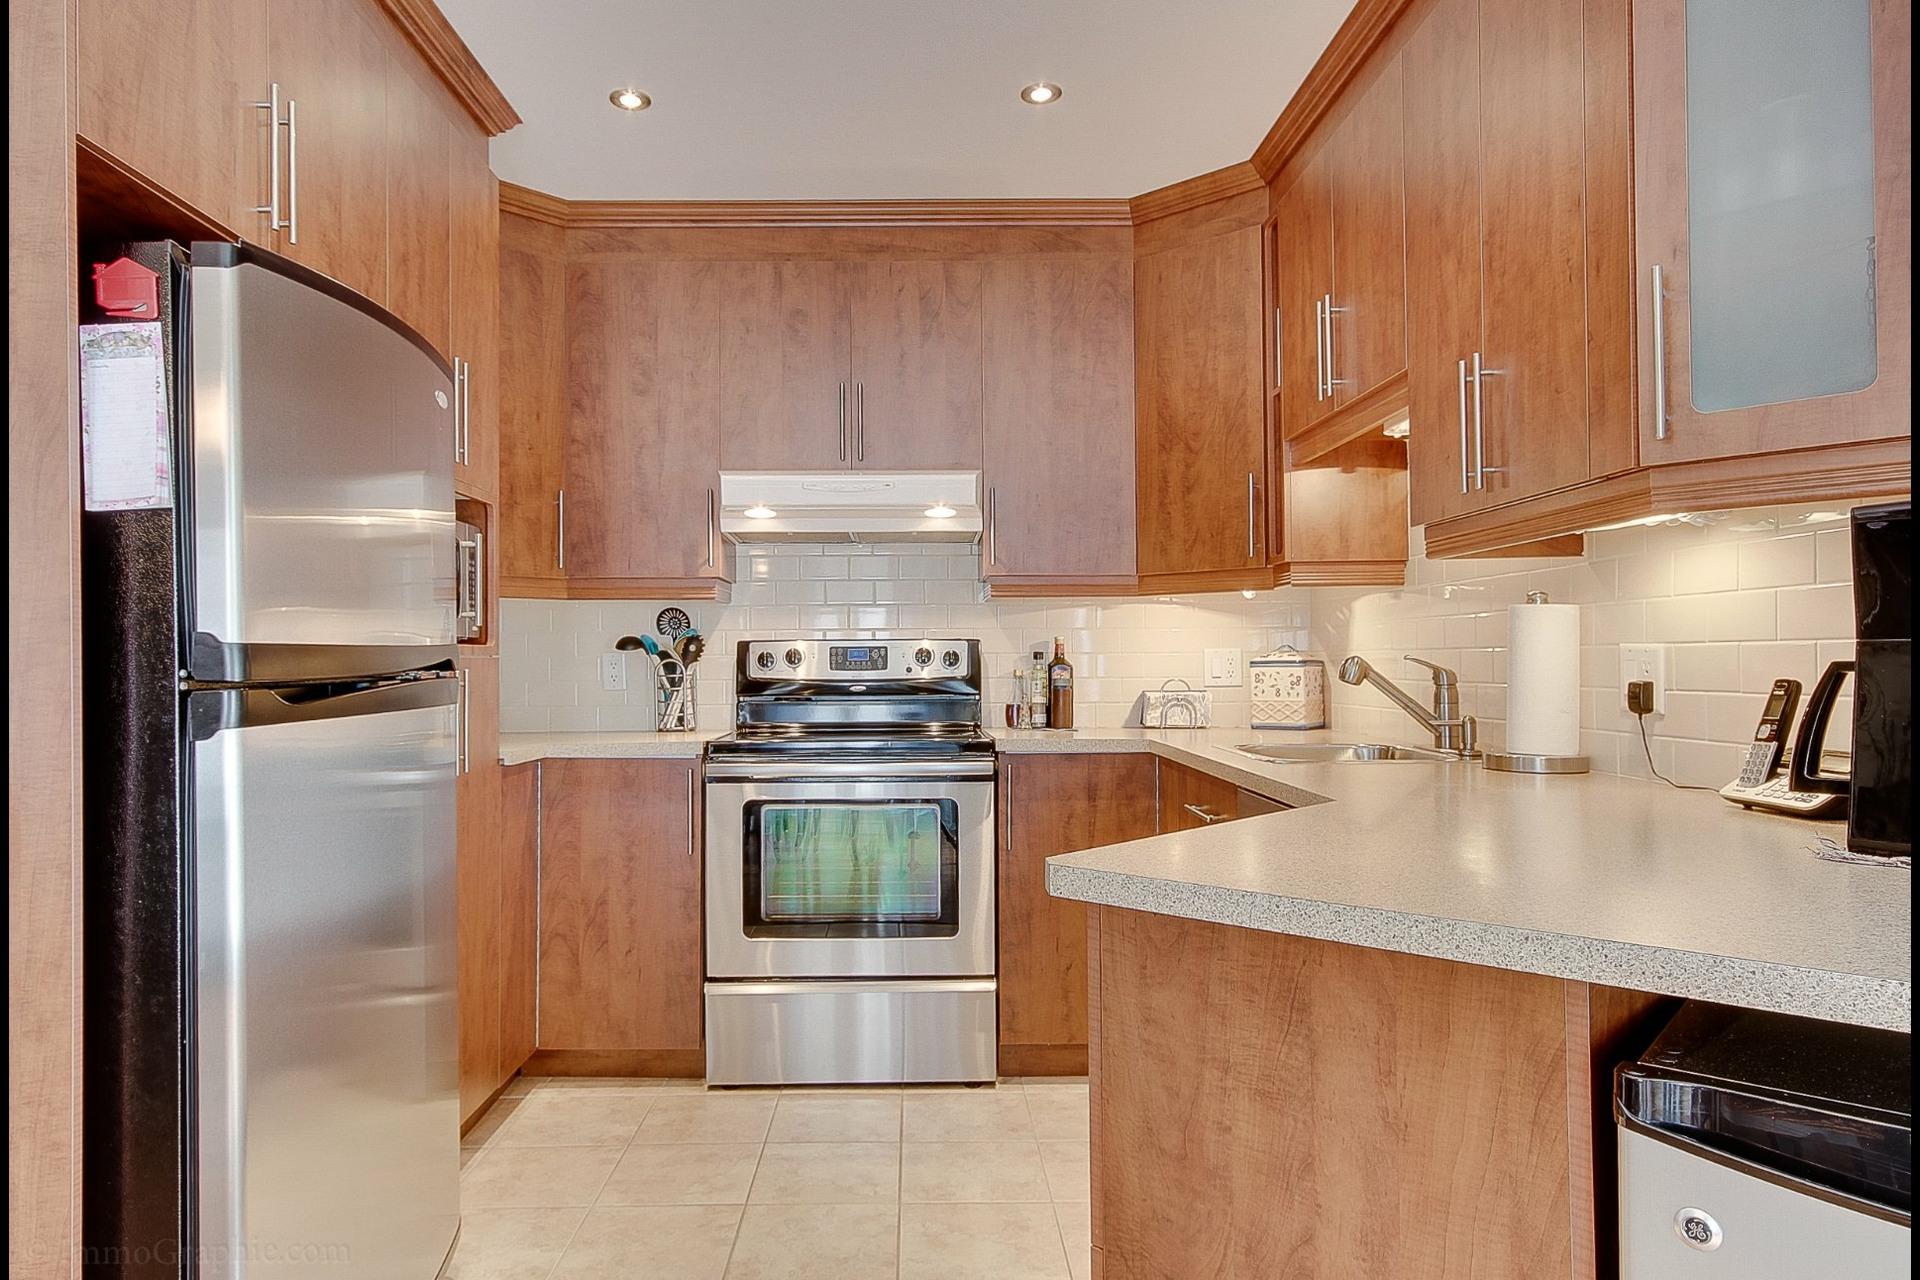 image 7 - Appartement À vendre Trois-Rivières - 9 pièces